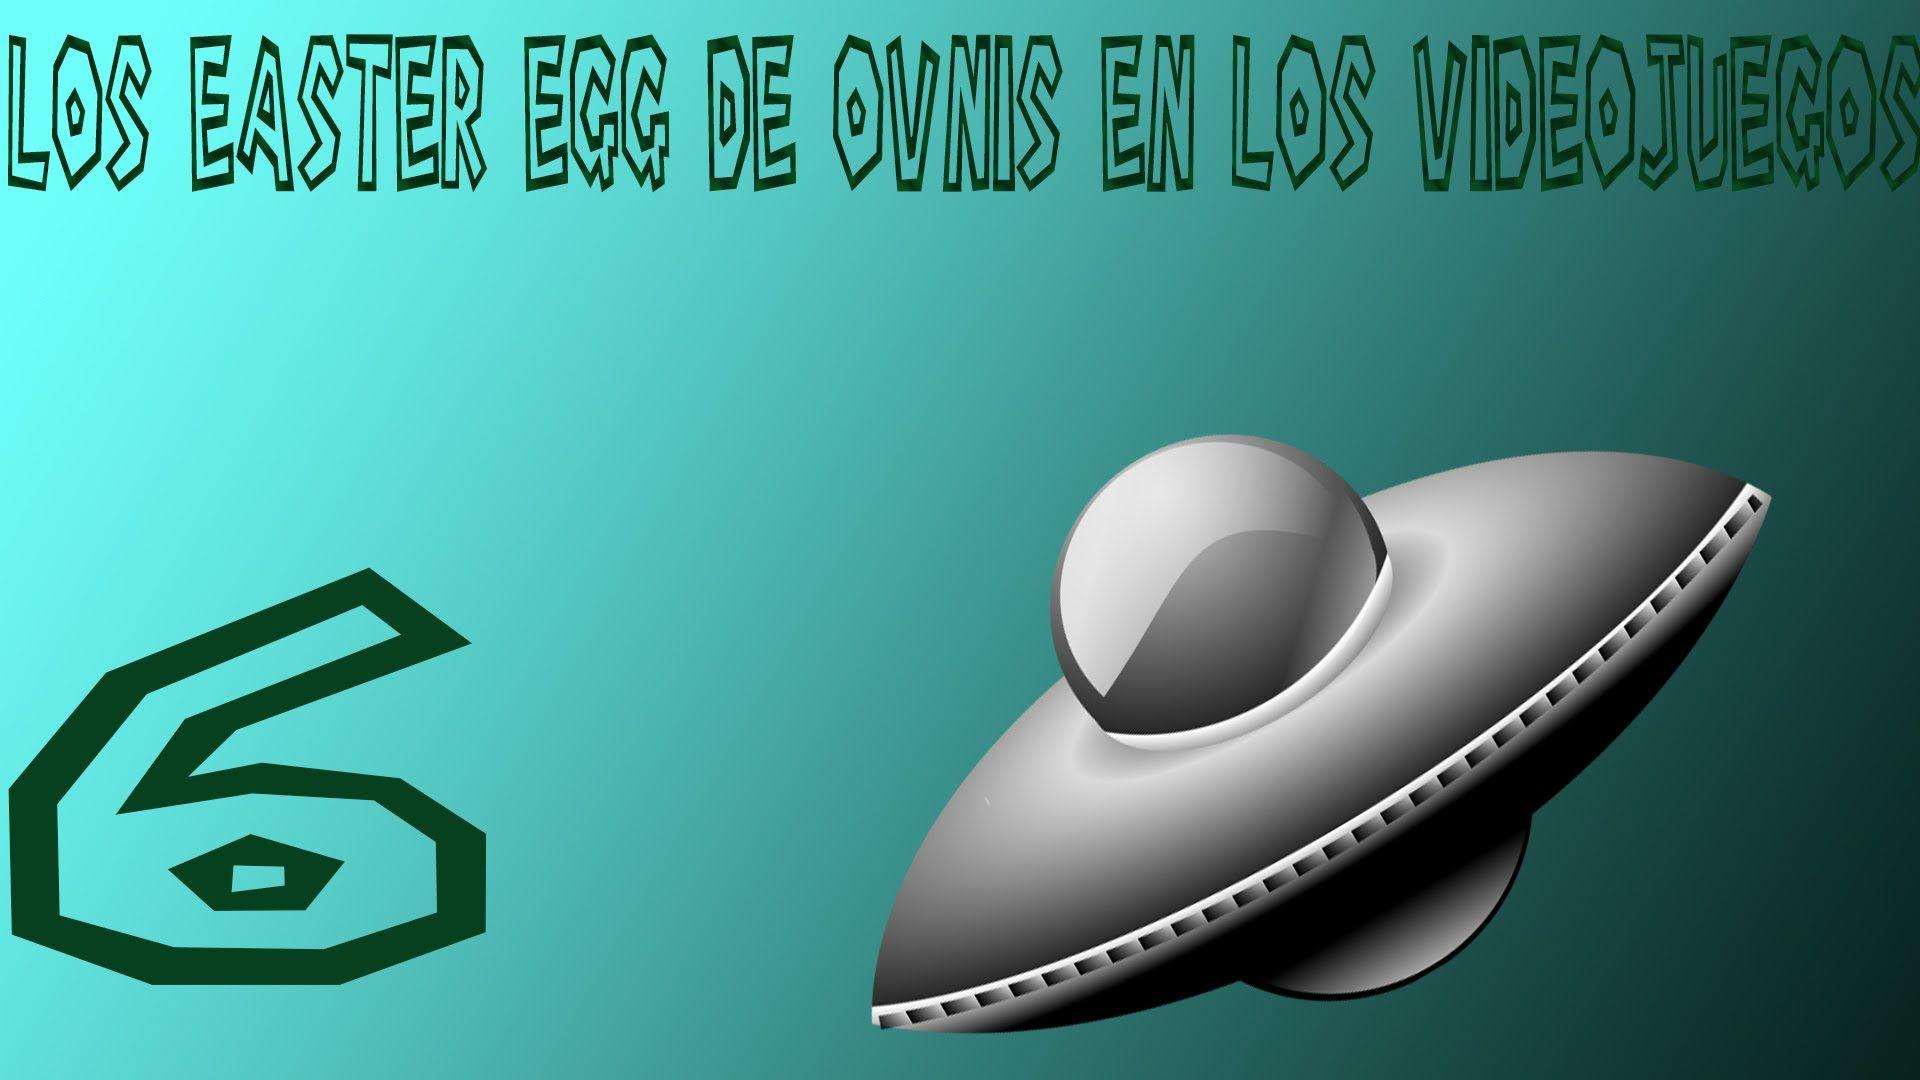 Top | 6 los mejores easter eggs de ovnis en los videojuegos